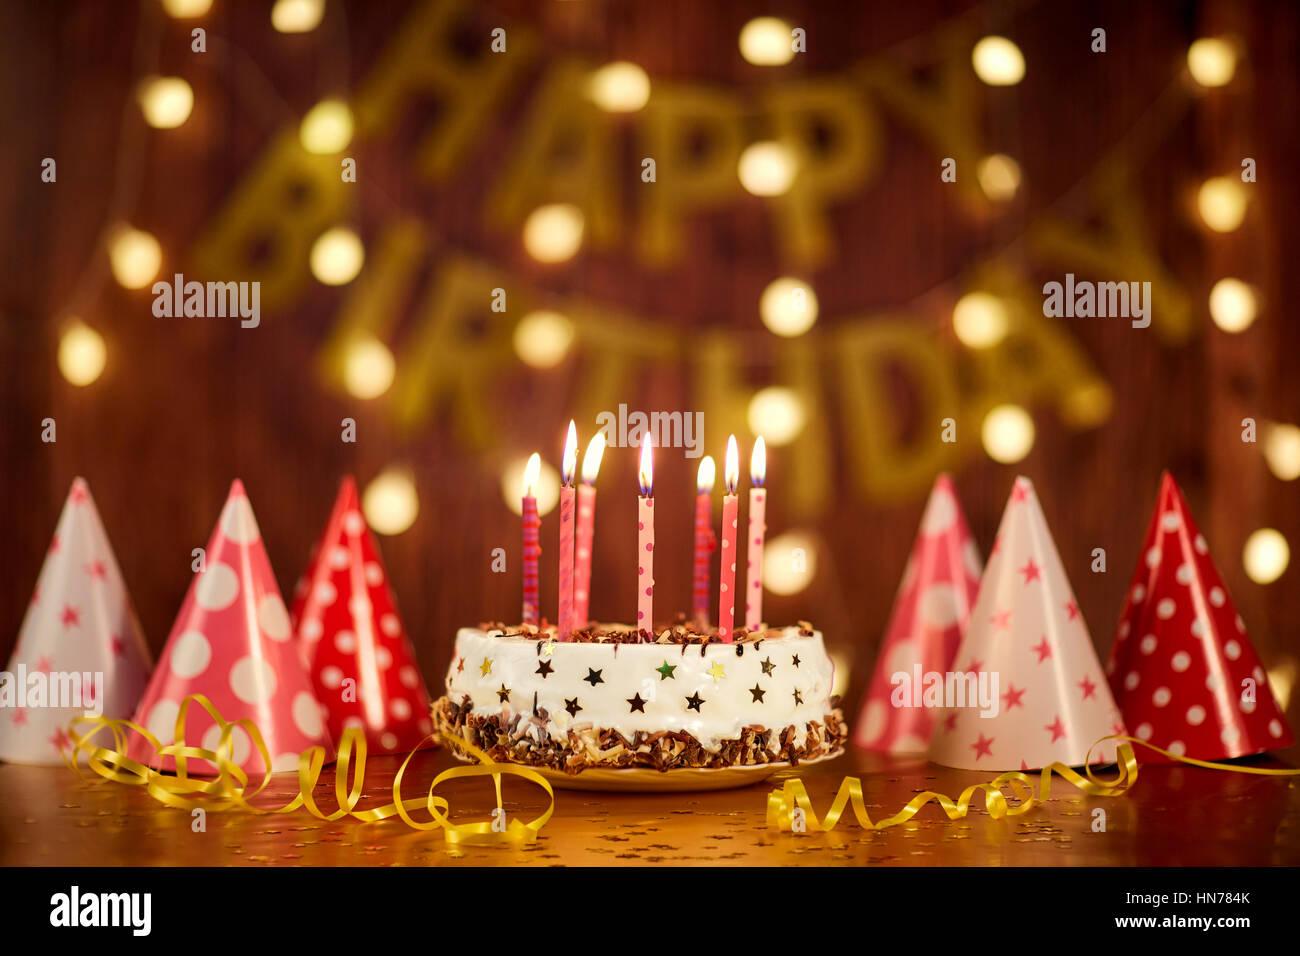 Geburtstagstorte Mit Kerzen Auf Dem Hintergrund Der Girlanden Eine Stockbild